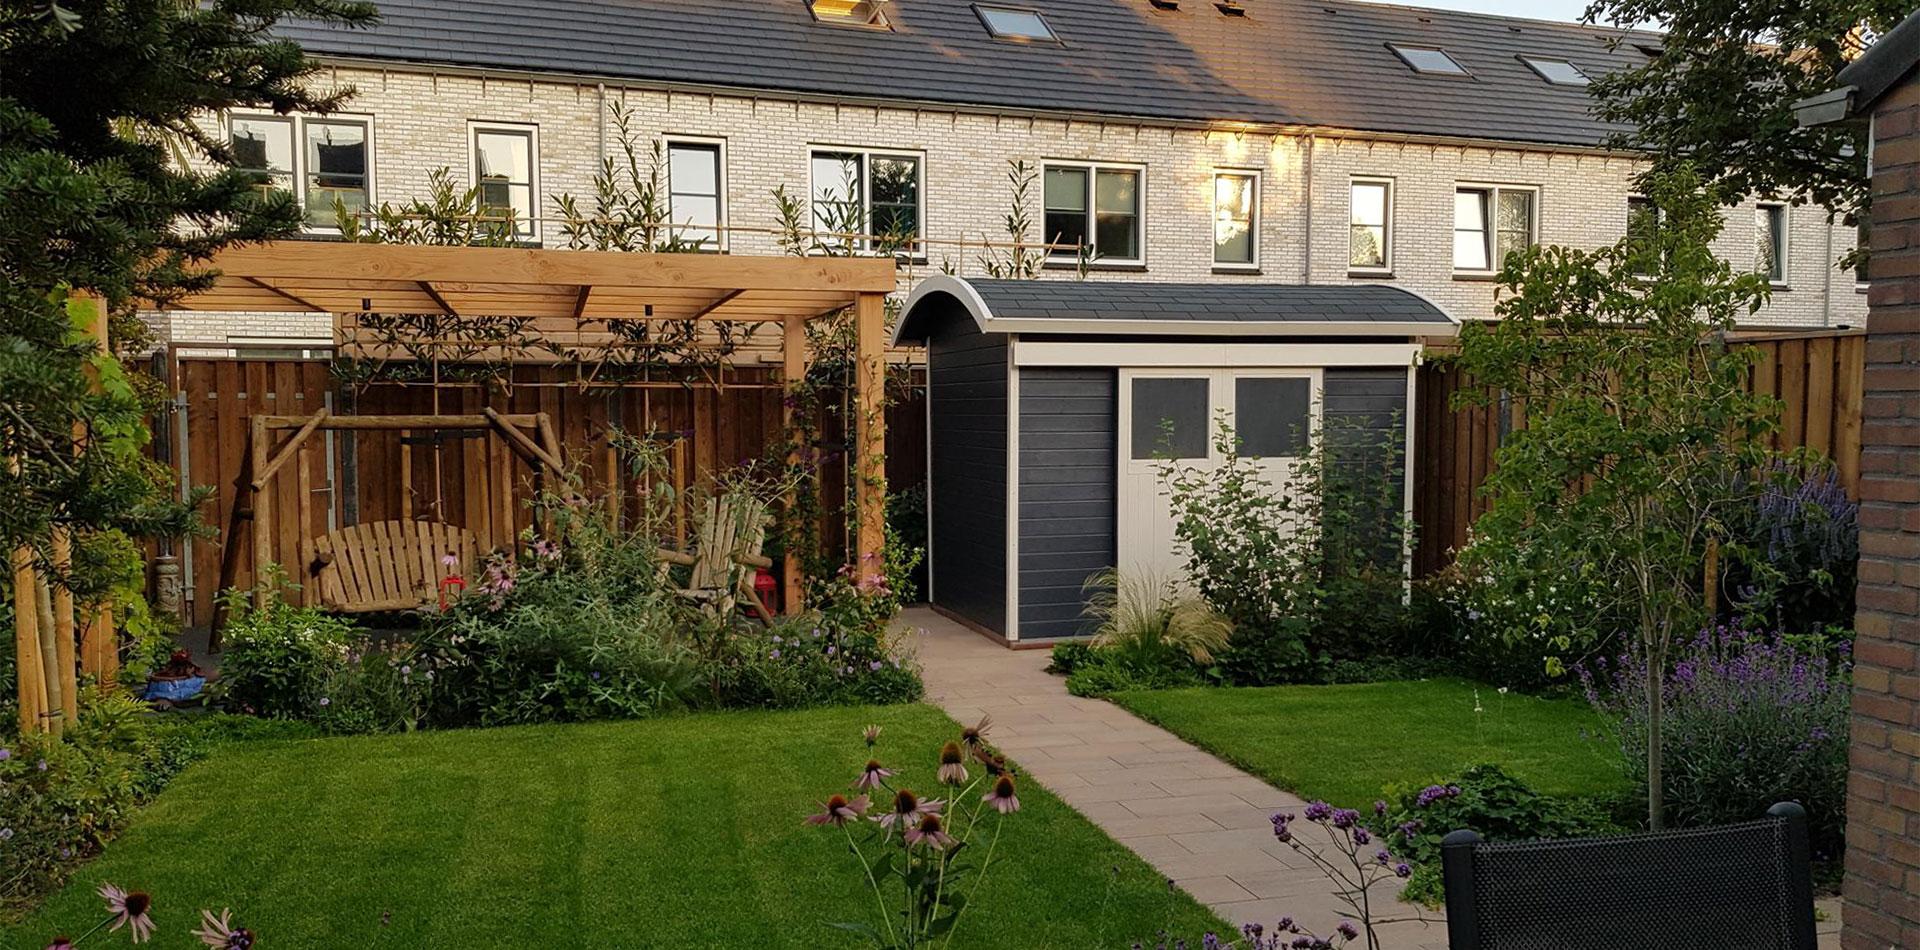 Bogendach Gartenhaus mit Schiebetür und Schaukel zum Relaxen